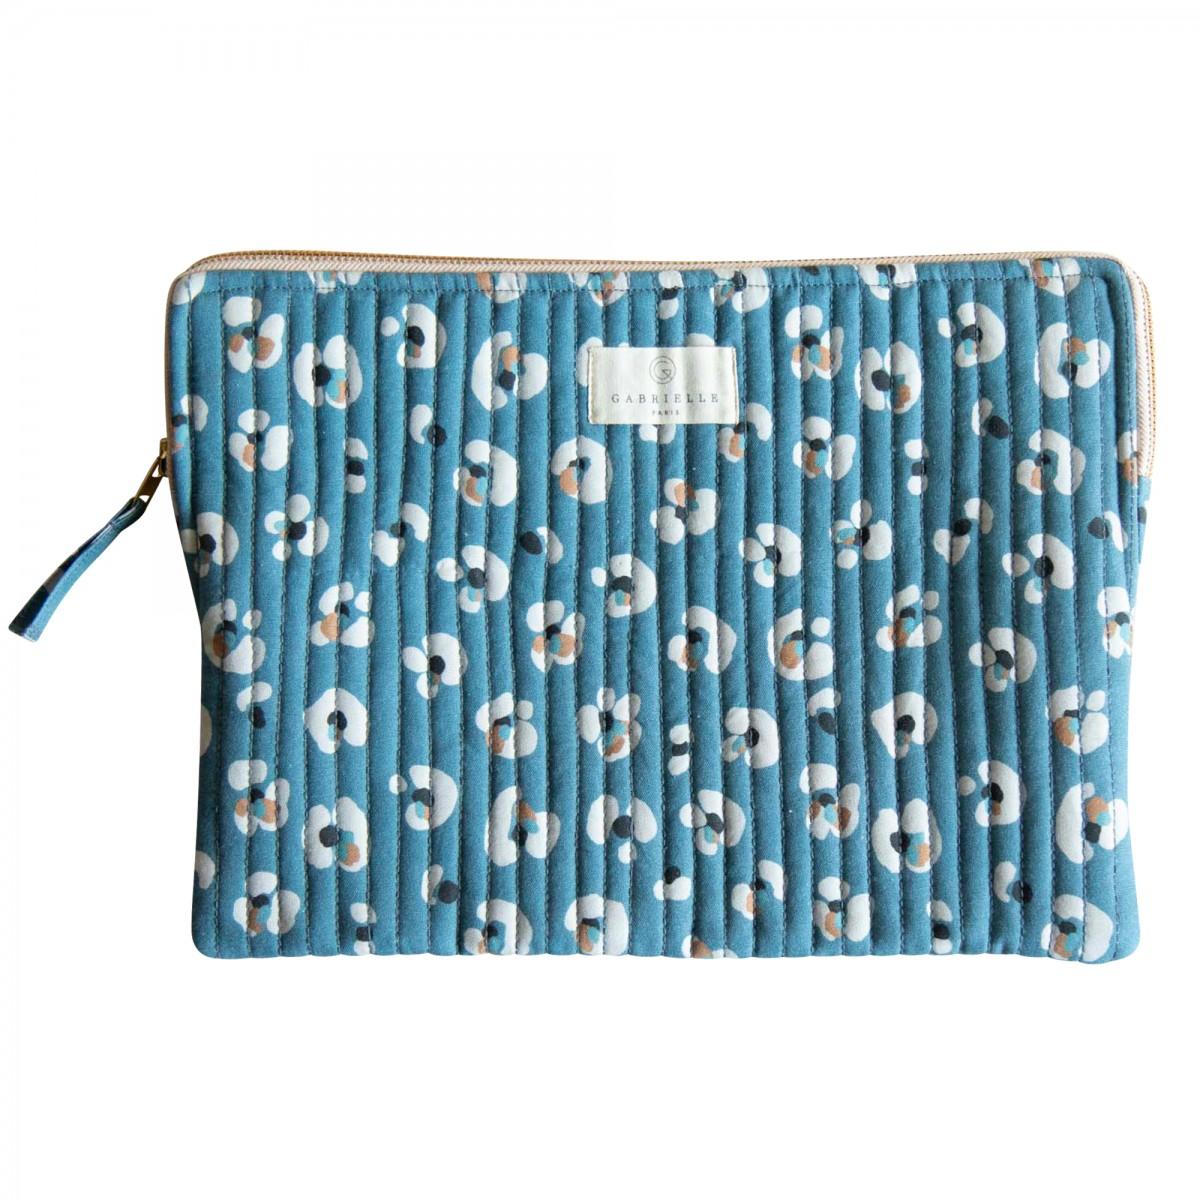 Pochette ordinateur en coton imprimé léopard bleu foncé